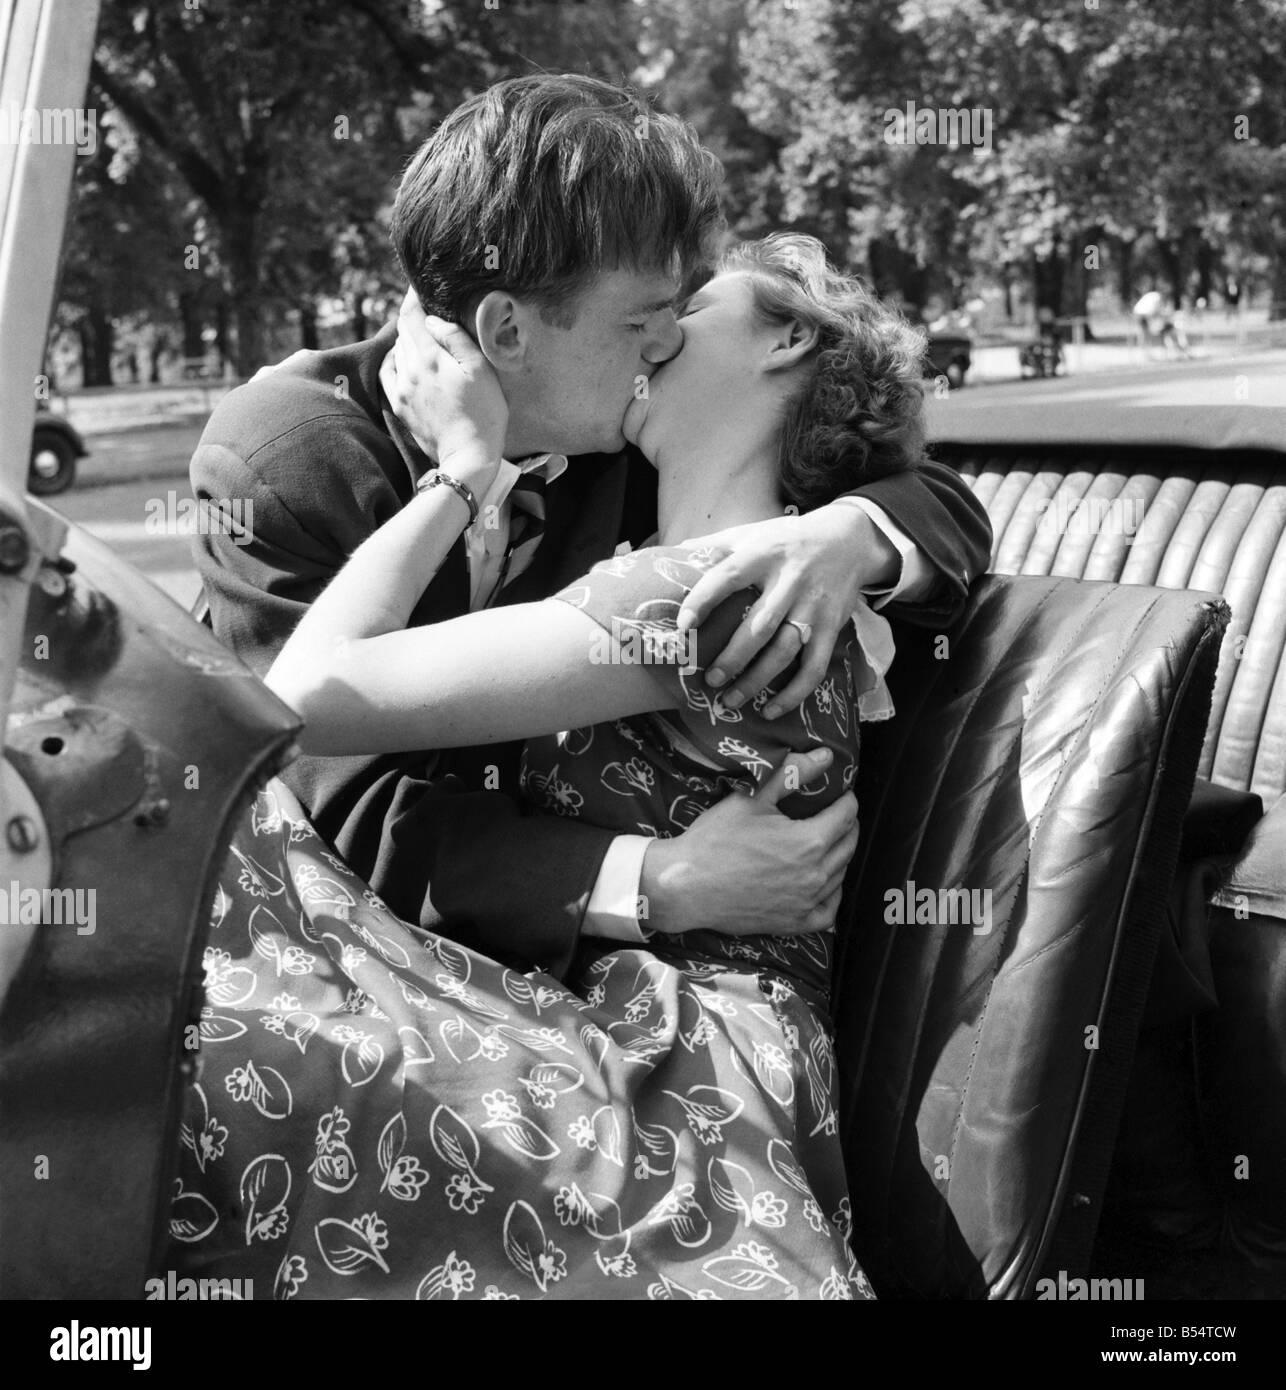 Image D Amoureux Qui S Embrasse la romance. un jeune couple amoureux qui s'embrassent. août 1953